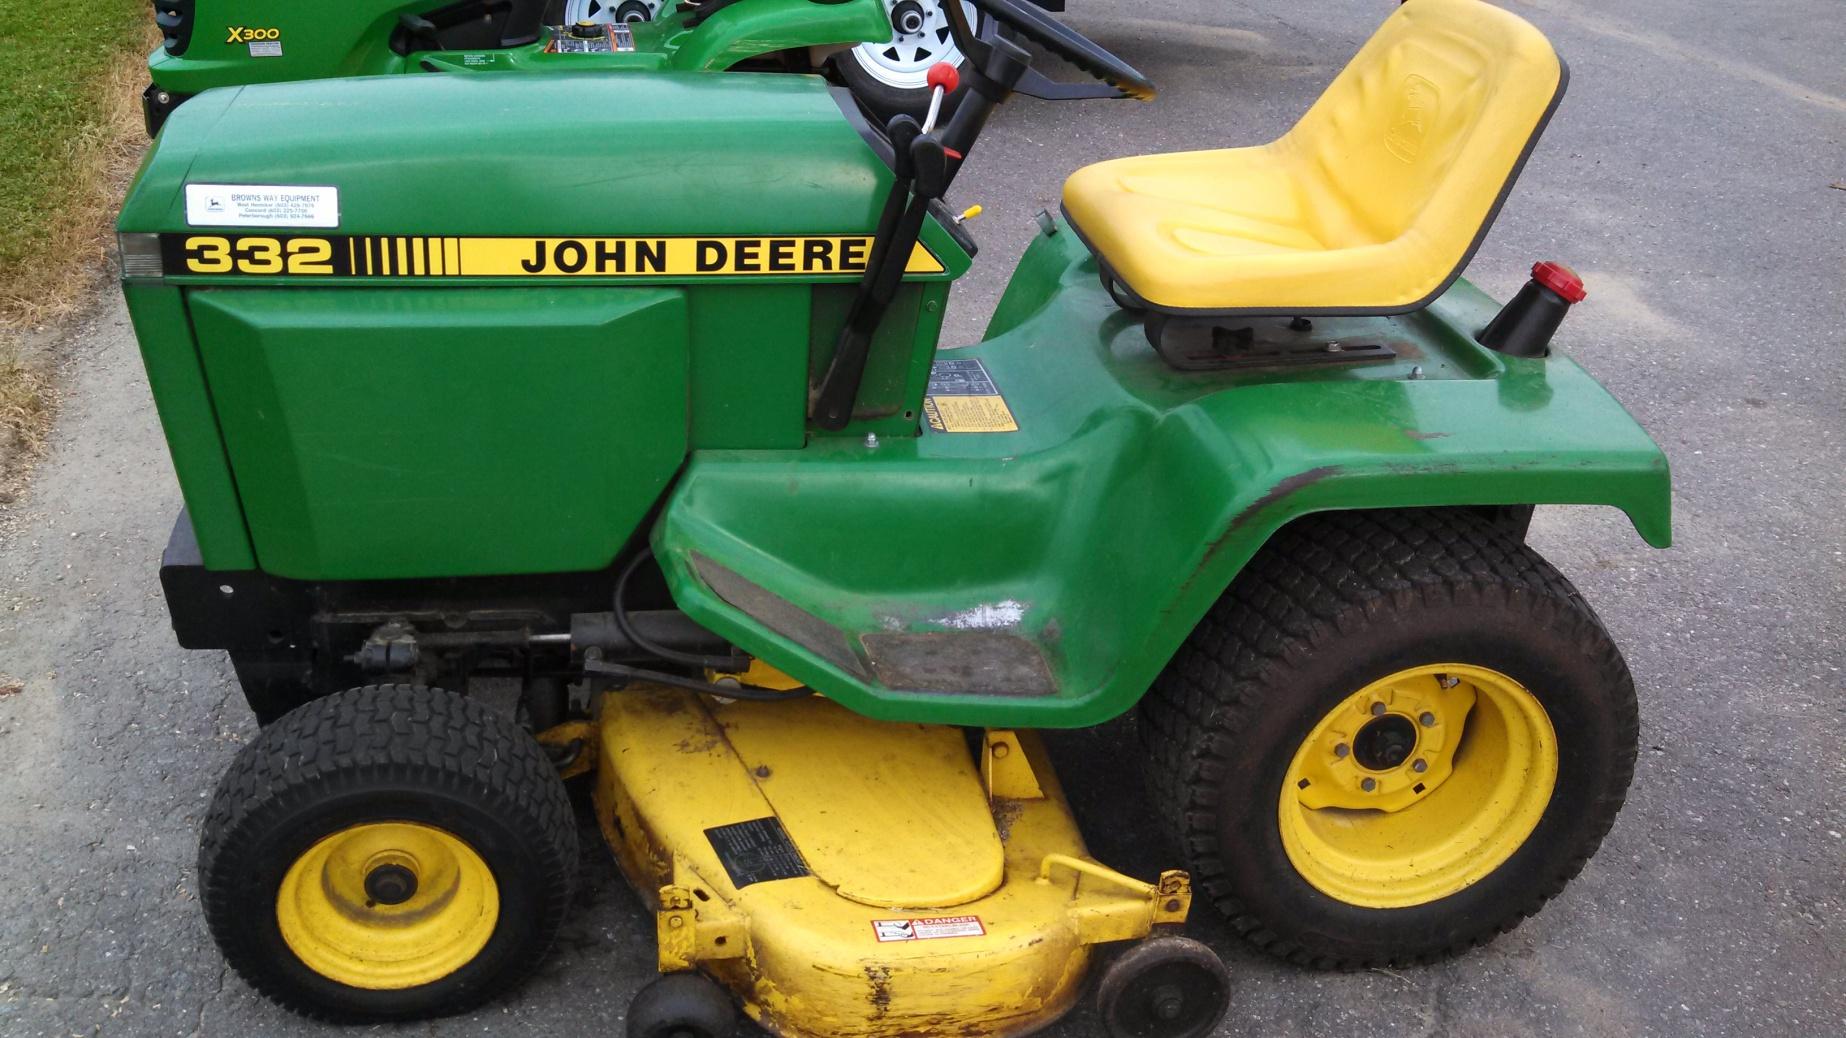 John Deere 332 >> Nice 332 Mytractorforum Com The Friendliest Tractor Forum And